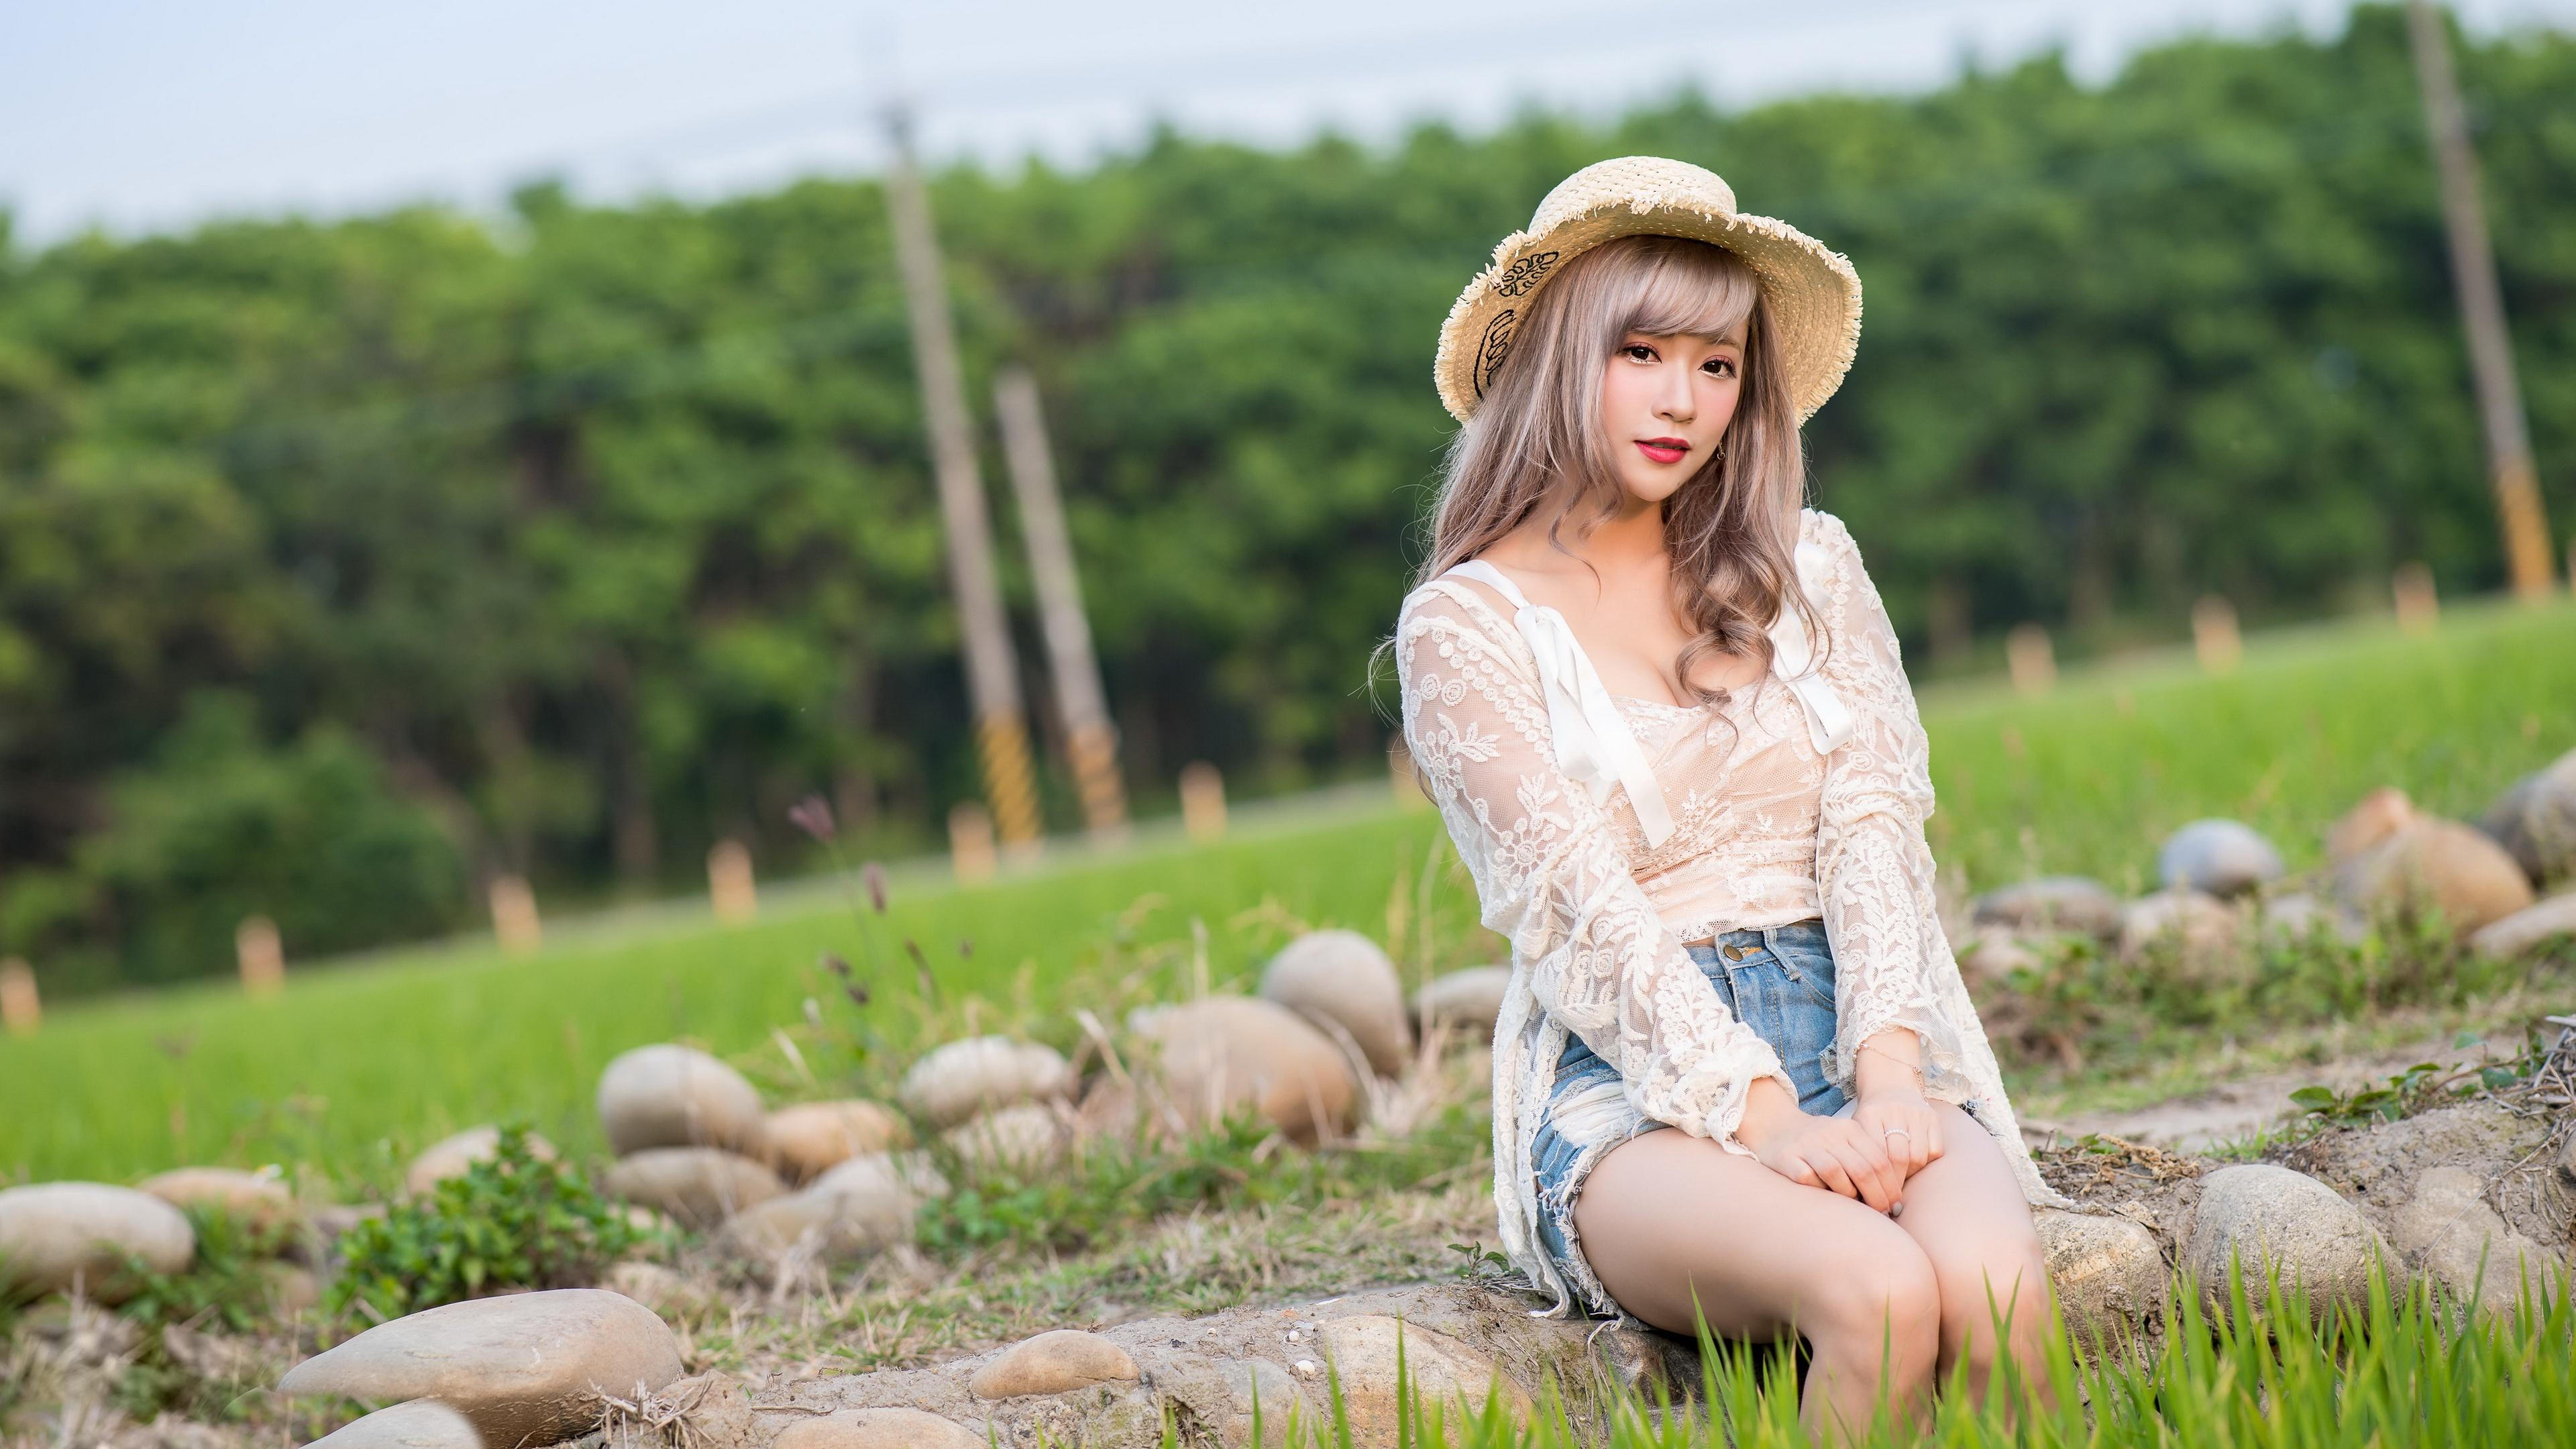 Картинка Русые шляпе Девушки азиатка Руки сидя Трава Камни Взгляд 3840x2160 русая русых Шляпа шляпы девушка молодые женщины молодая женщина Азиаты азиатки рука Сидит траве Камень сидящие смотрят смотрит